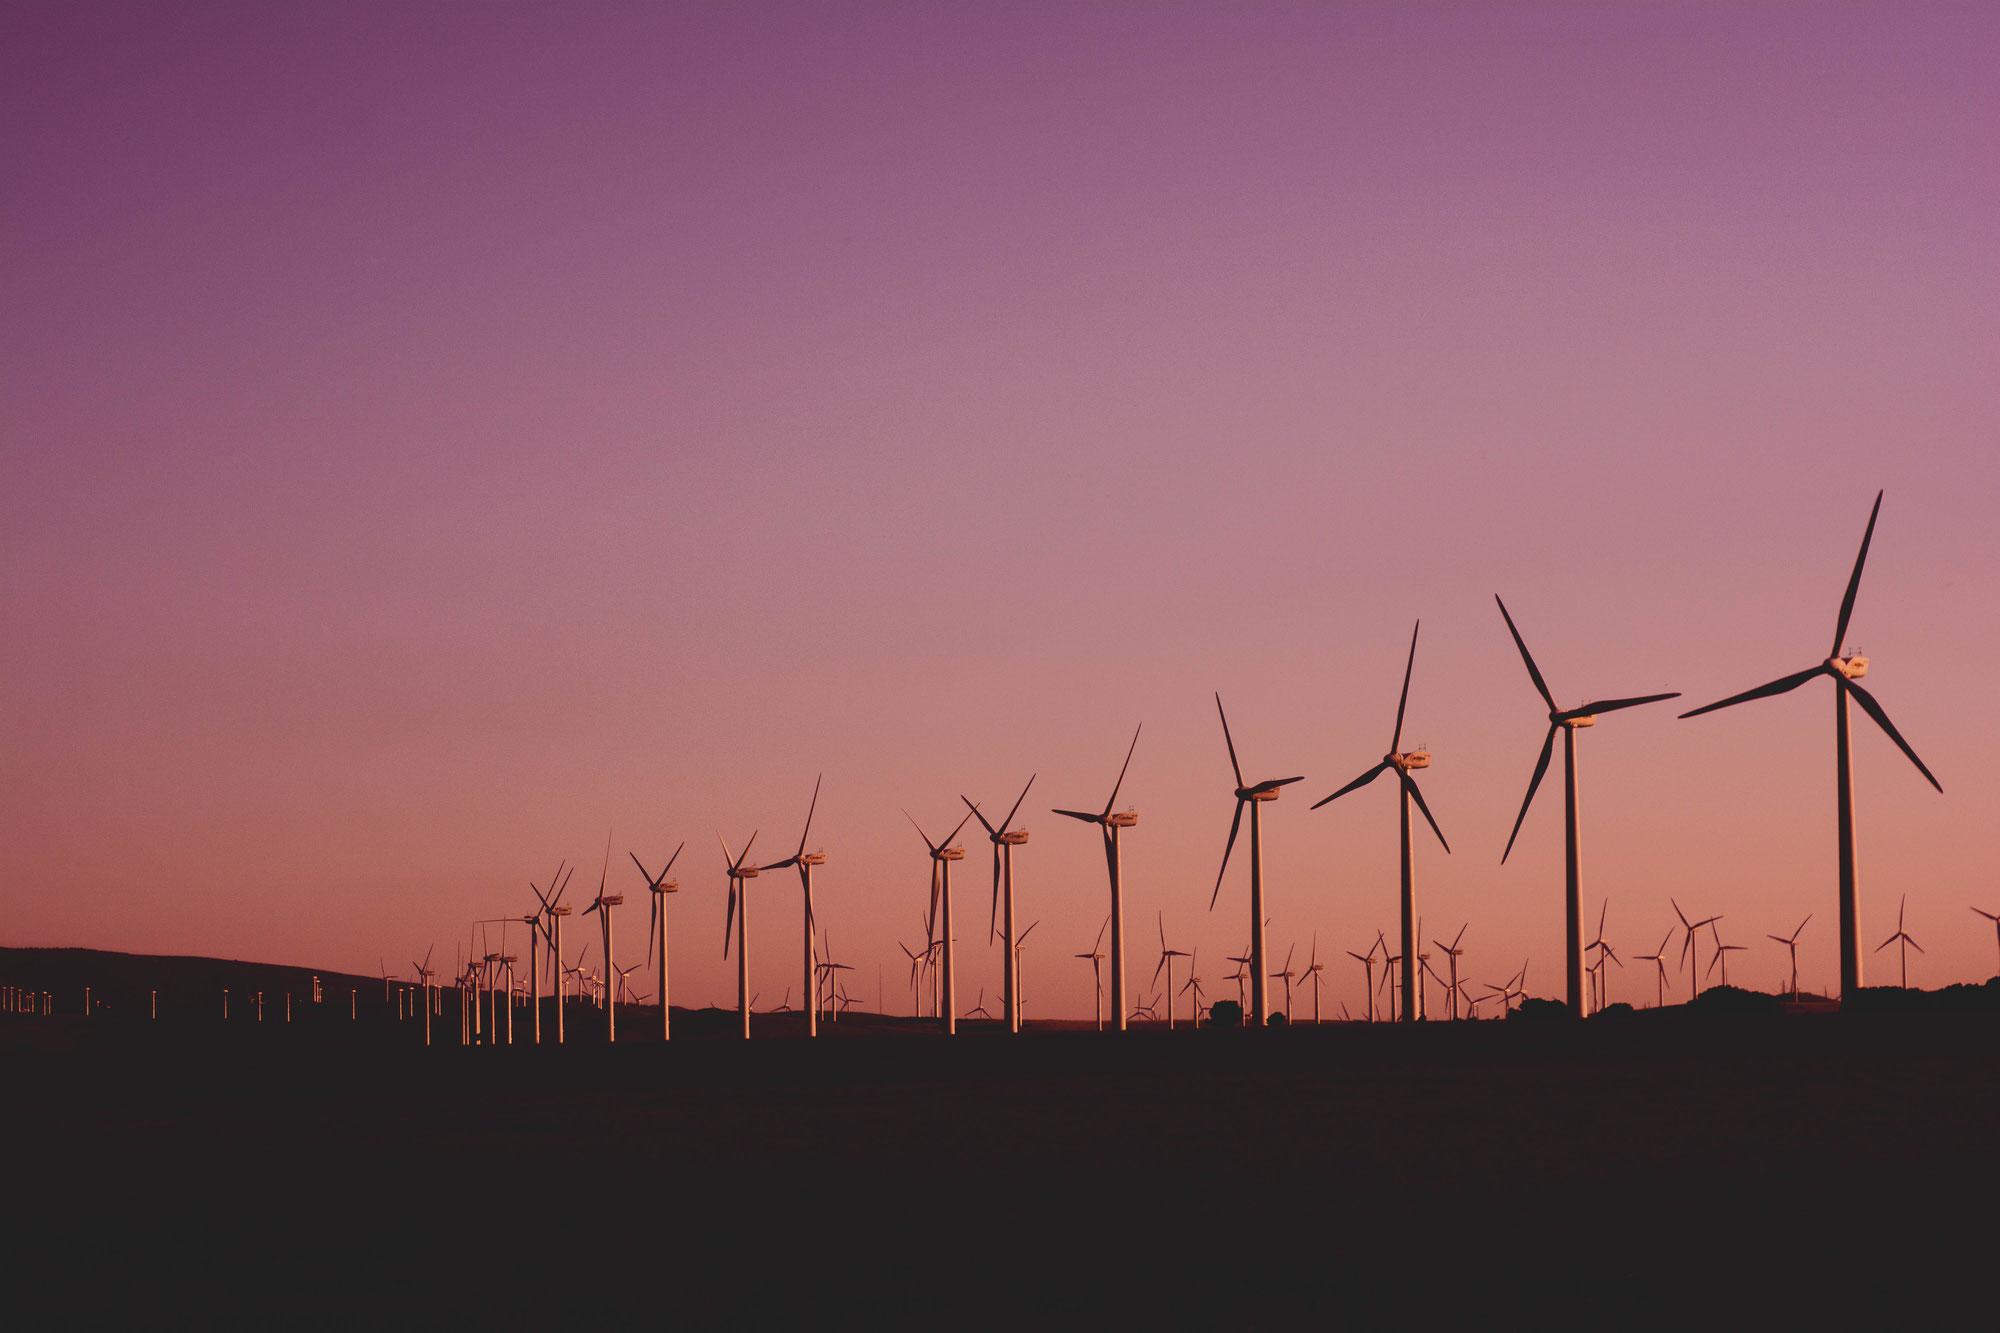 Juez de Distrito suspende aplicación del Decreto por el que se reforma la Ley de la Industria Eléctrica